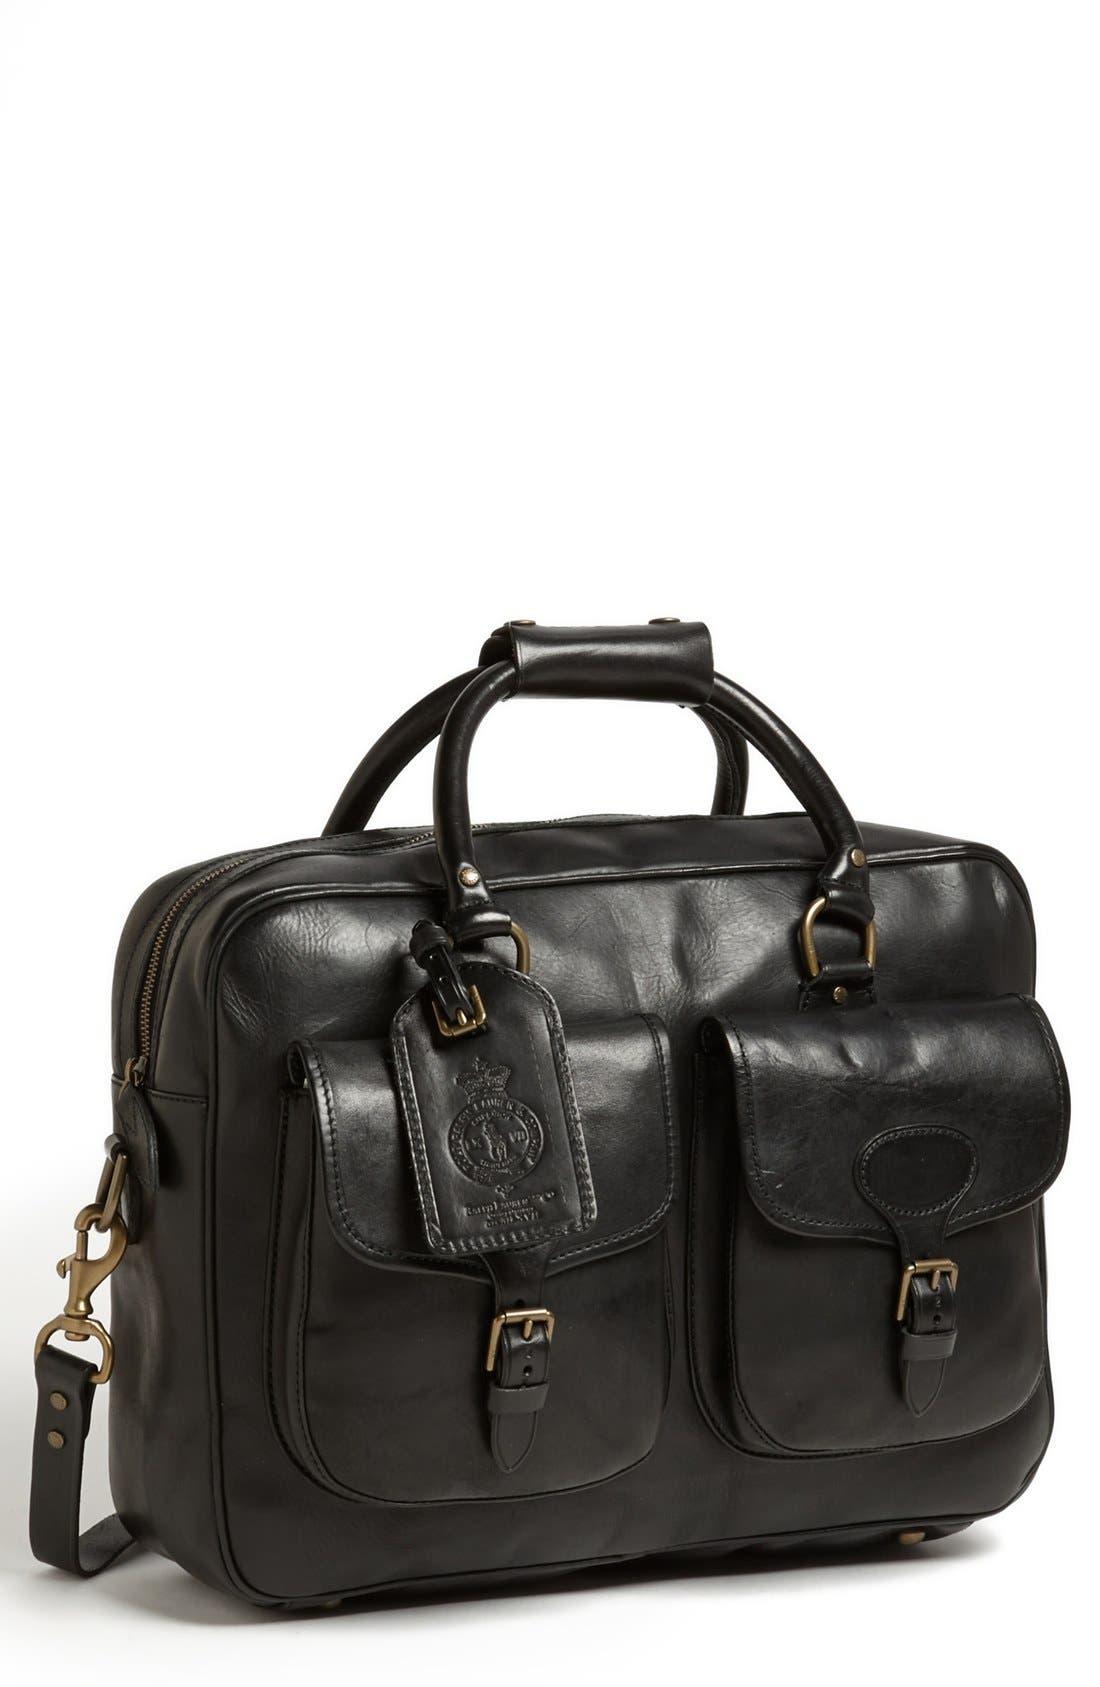 POLO RALPH LAUREN, Leather Commuter Bag, Main thumbnail 1, color, 001